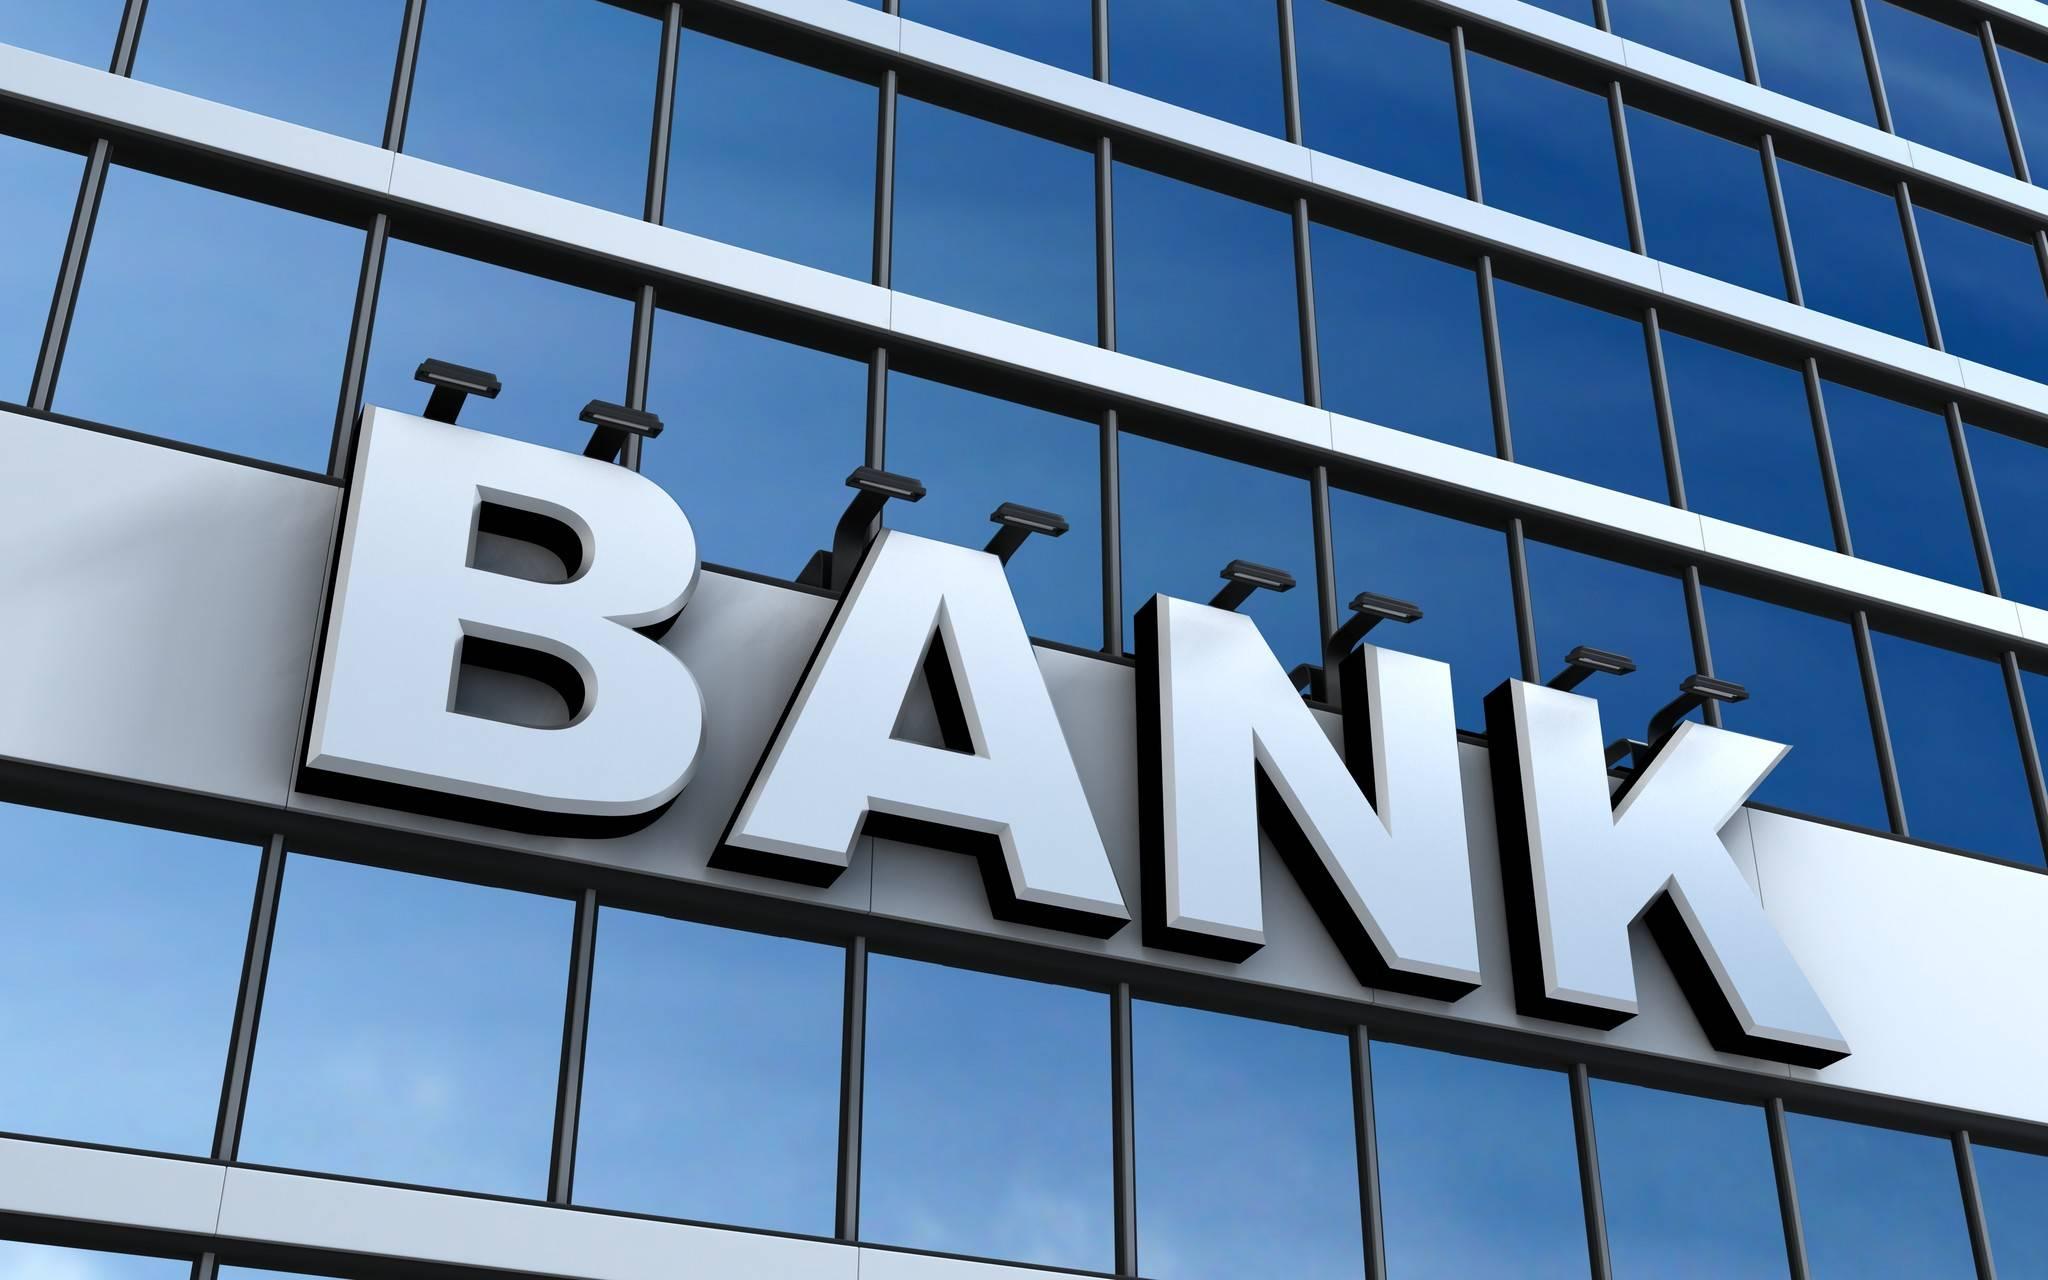 宁波银行与杭州银行,两大城商行全面对比专题研究